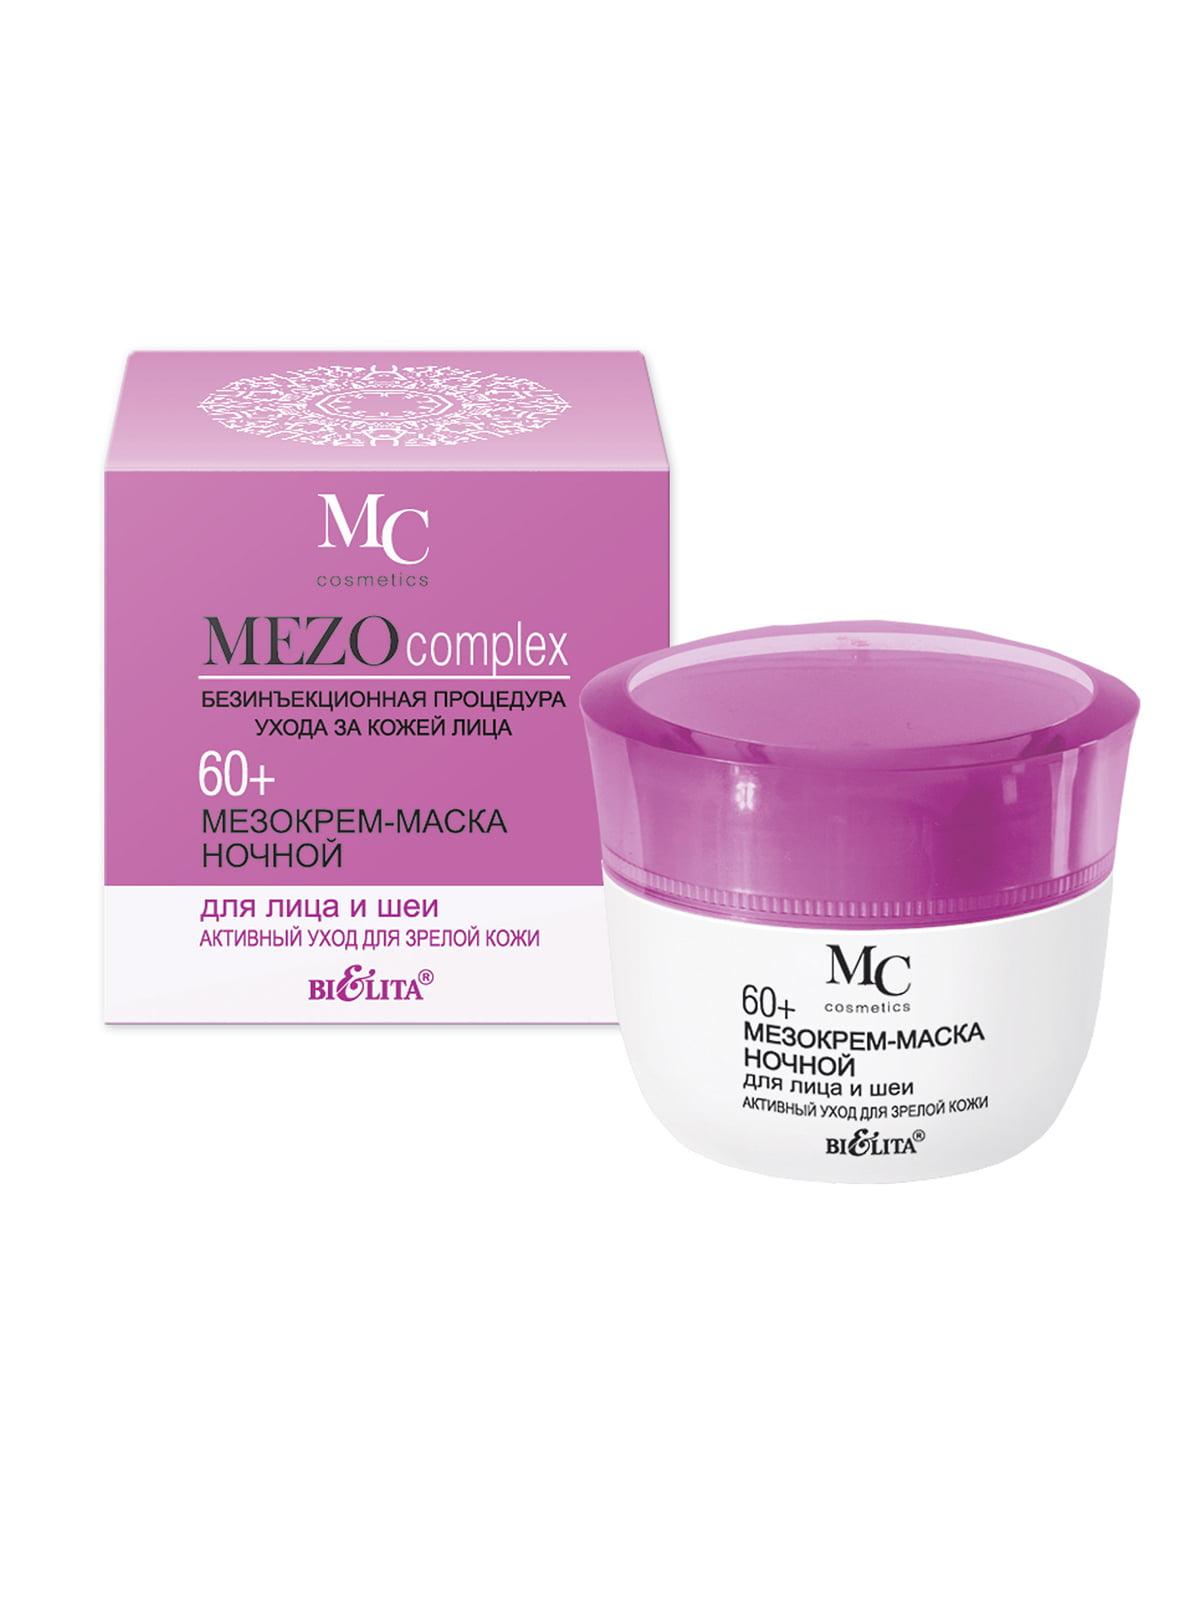 Мезокрем-маска ночной для лица и шеи «Активный уход для зрелой кожи» 60+ | 4977057